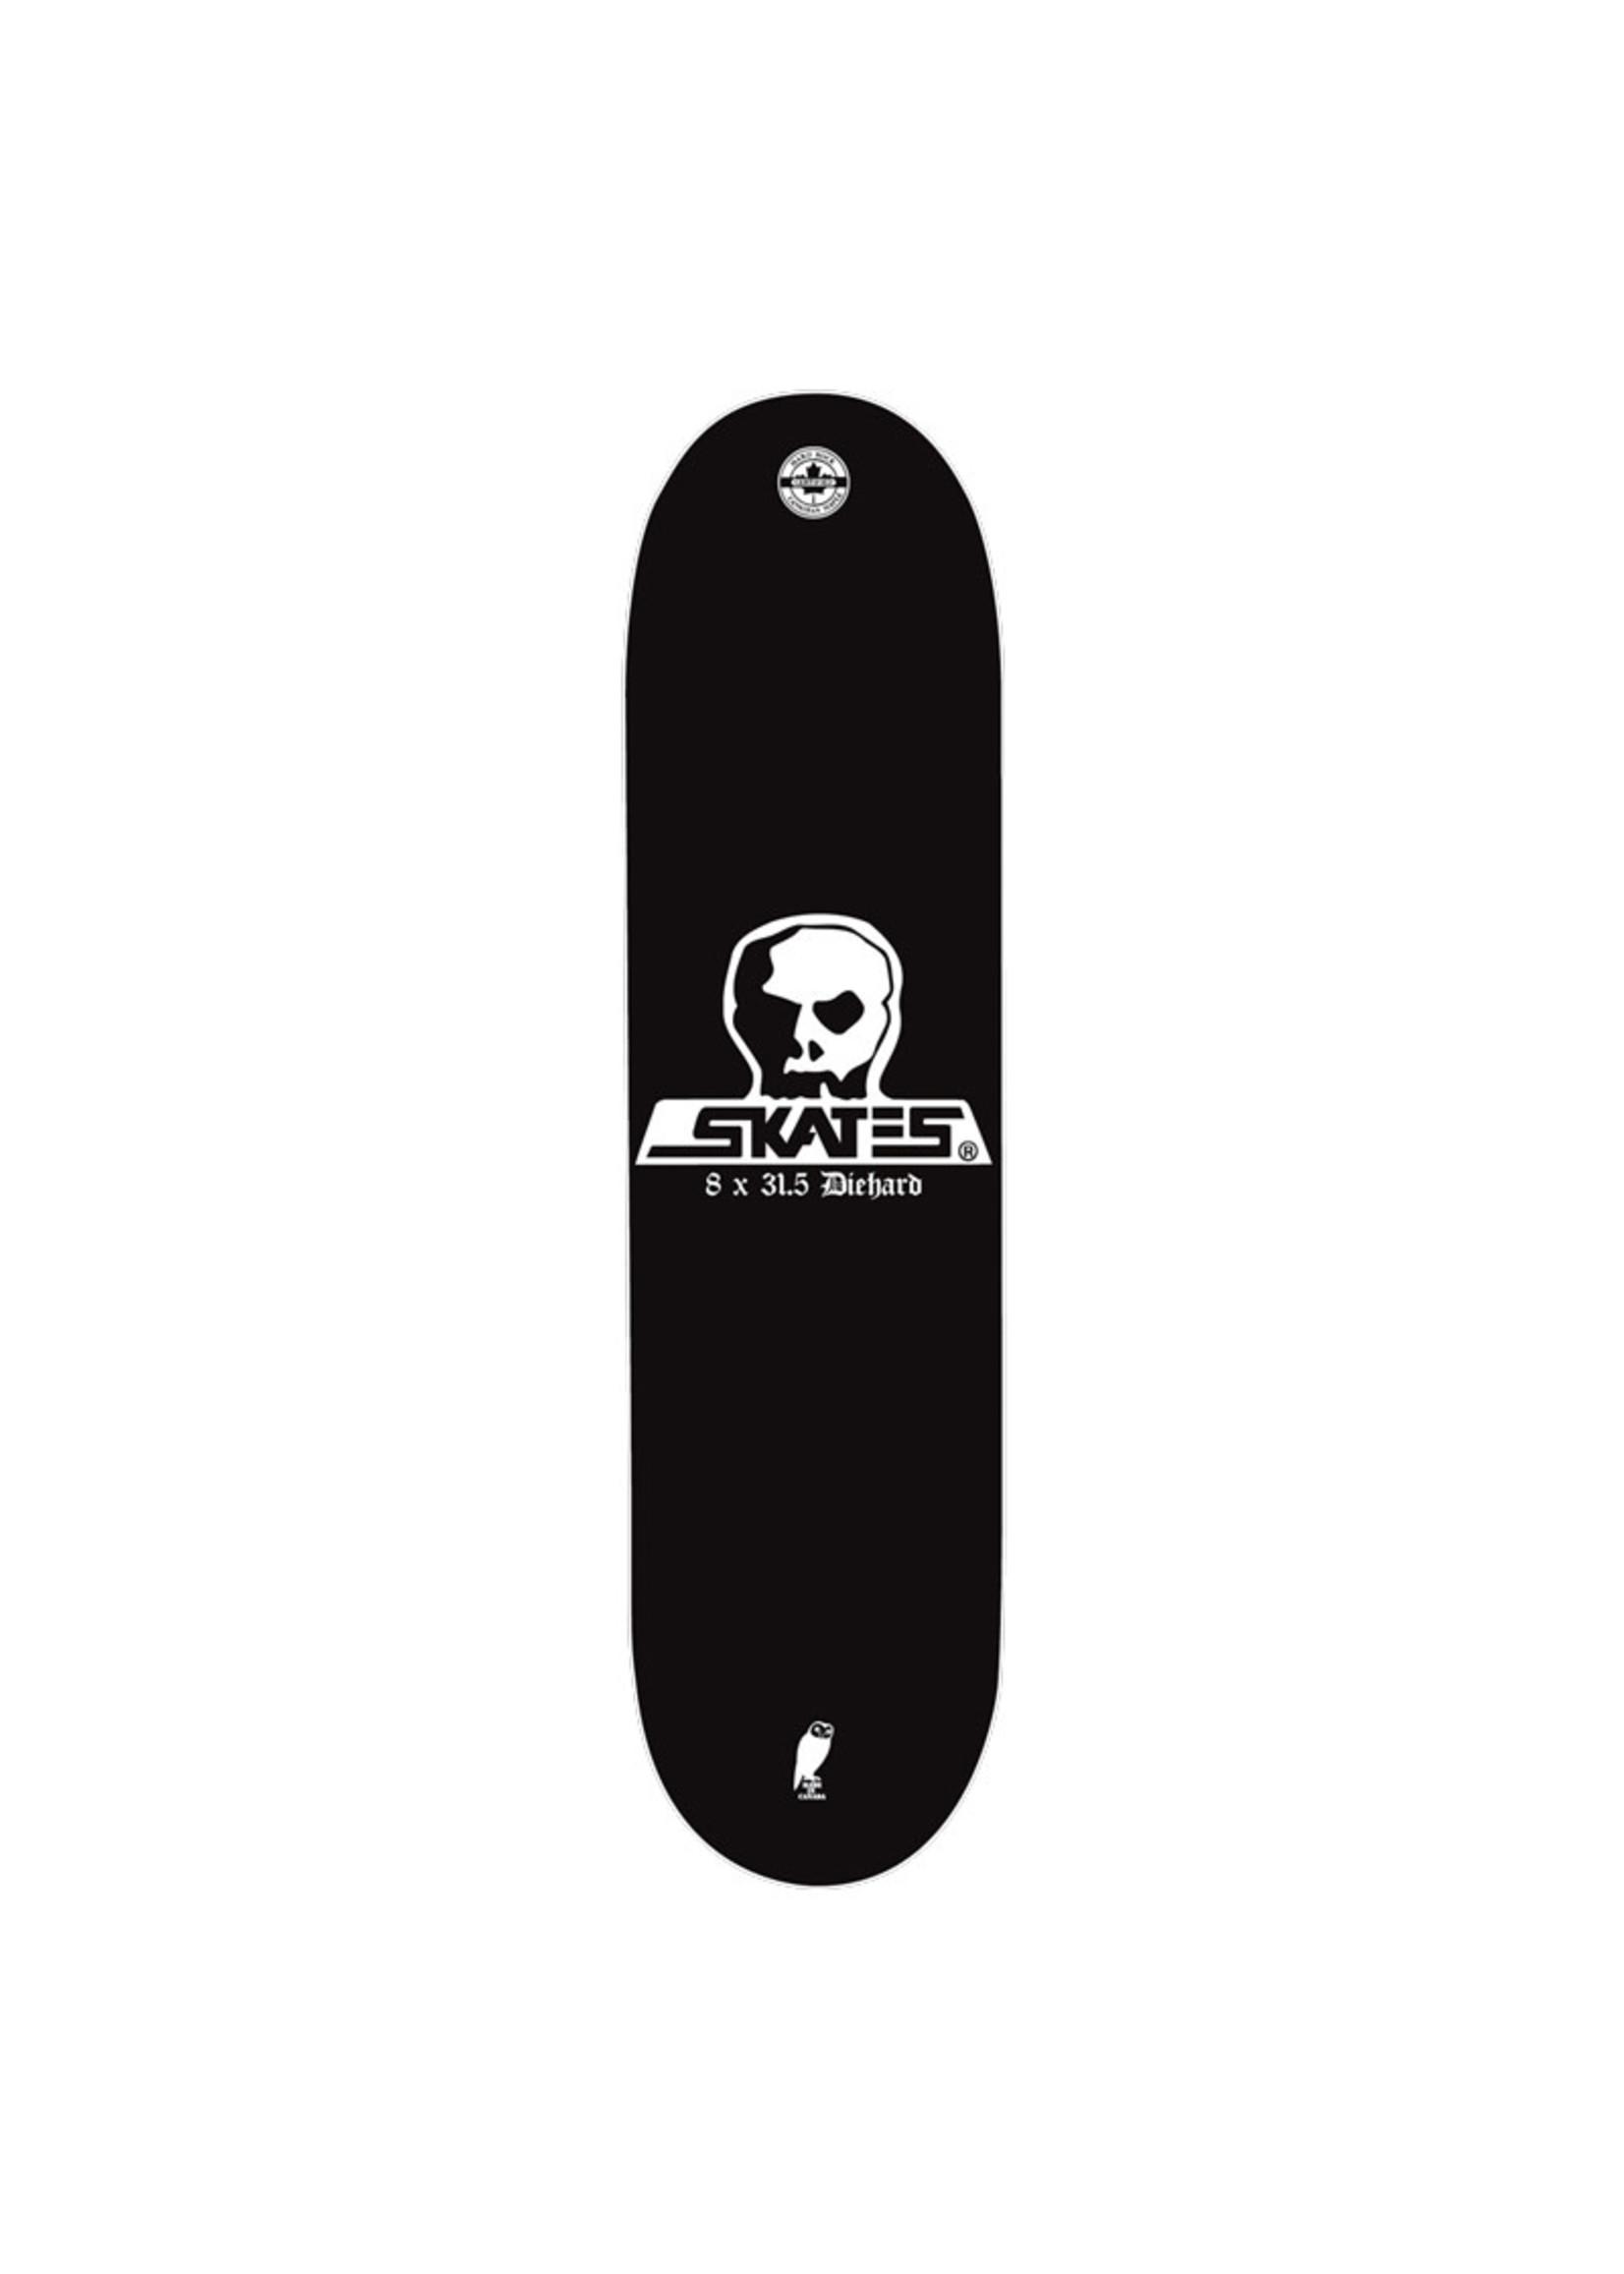 Skull Skate Skull Skate Diehard Decks